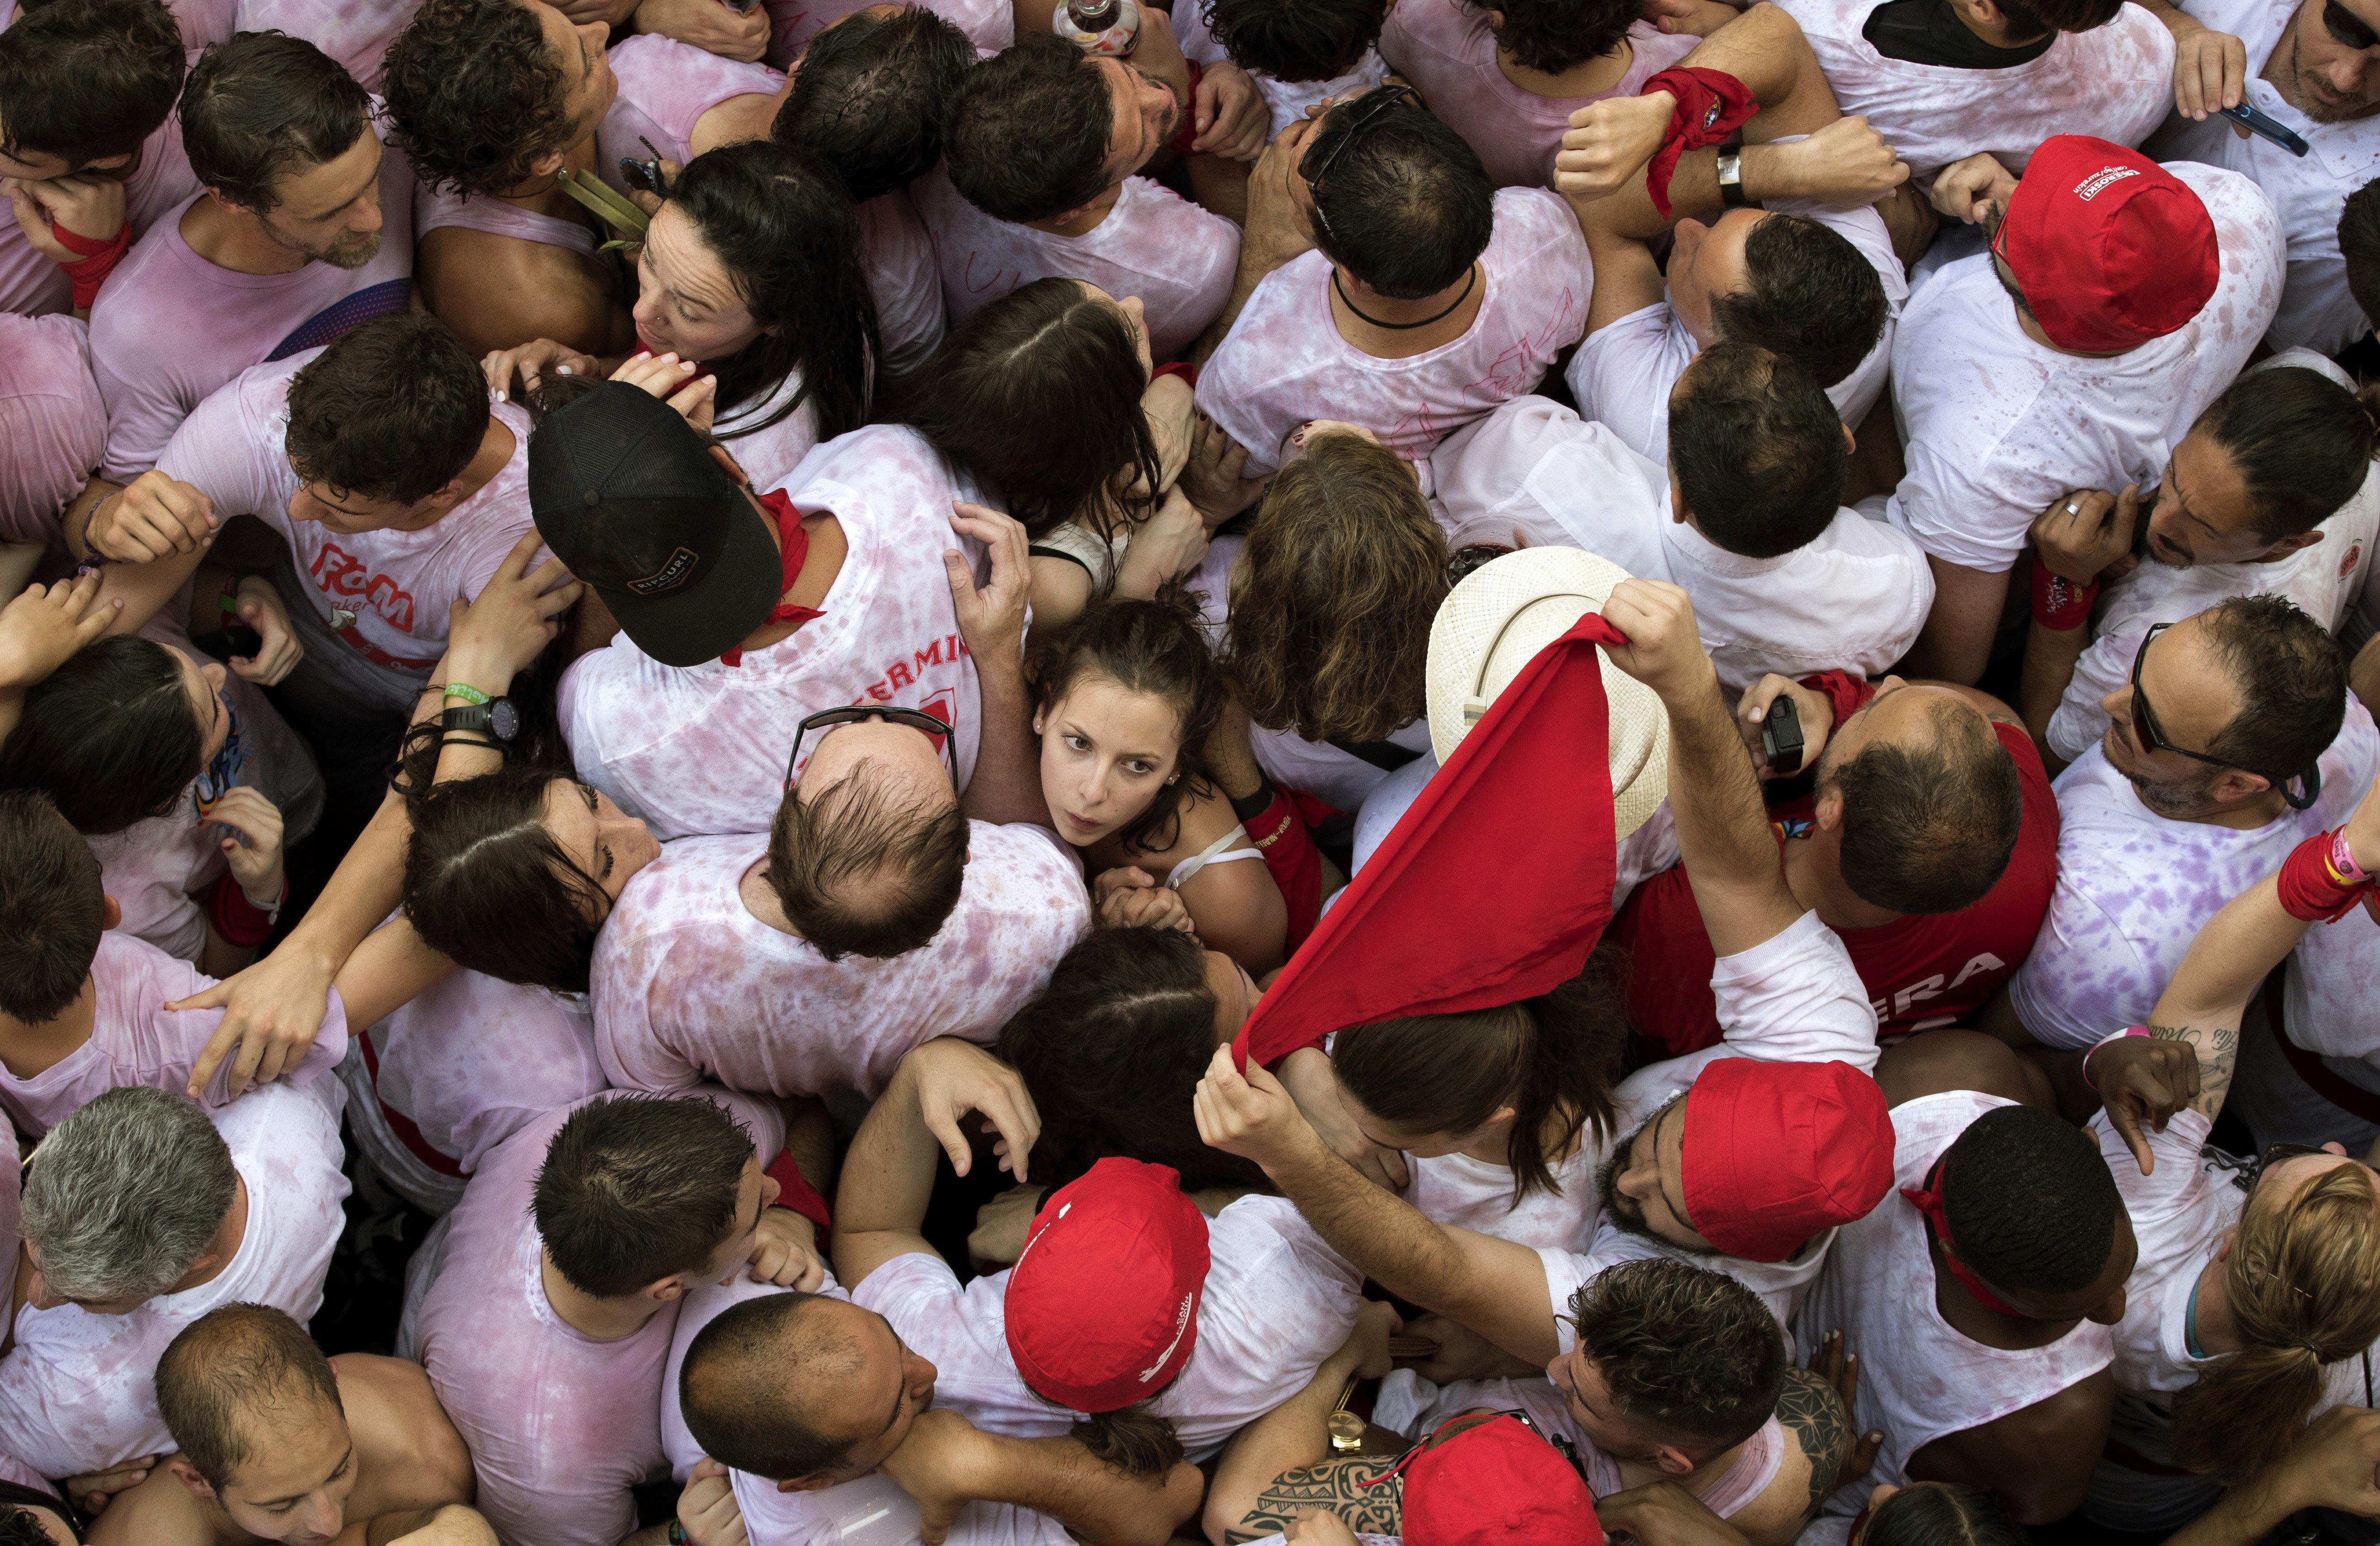 Centenars de persones festegen l'inici de les Festes de Sant Fermí 2017 després del llançament del tradicional 'txupinazo' des de la balconada de l'Ajuntament de Pamplona. /VILLAR LÓPEZ